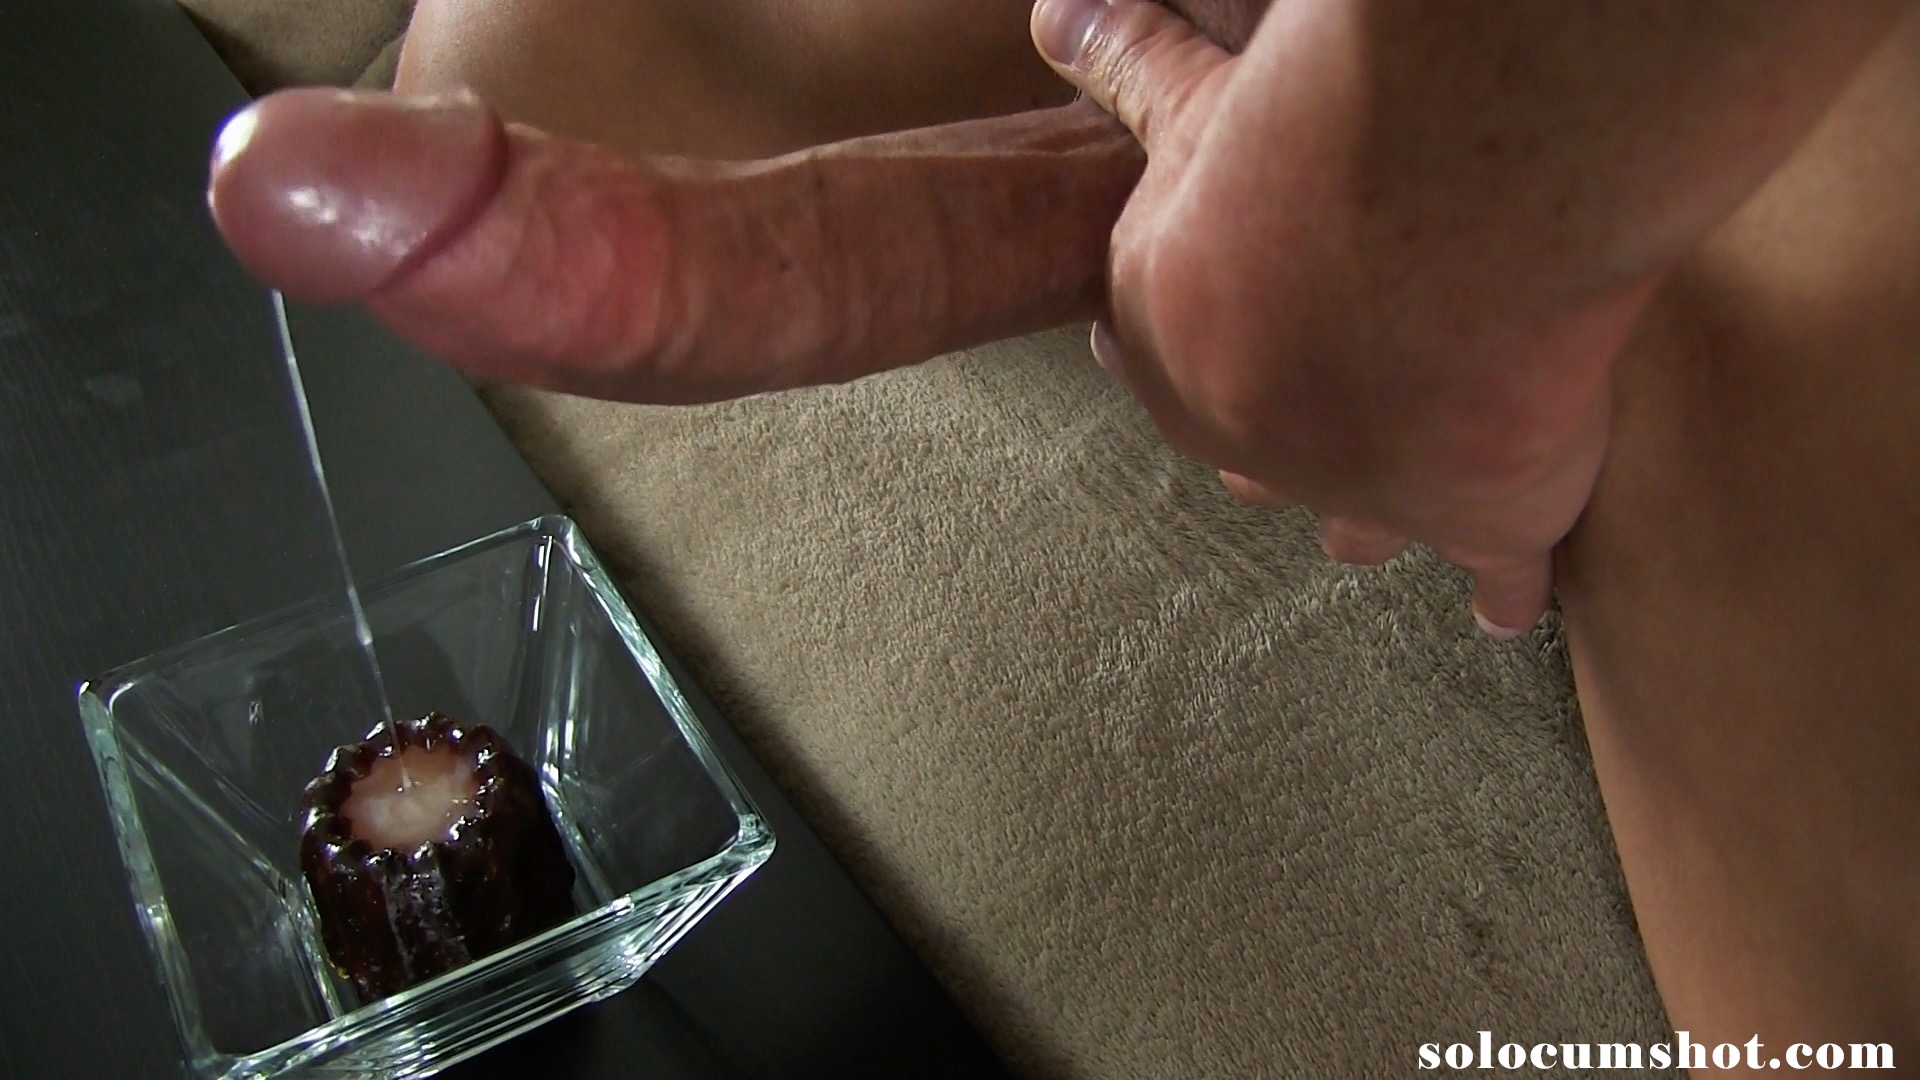 Cum dessert